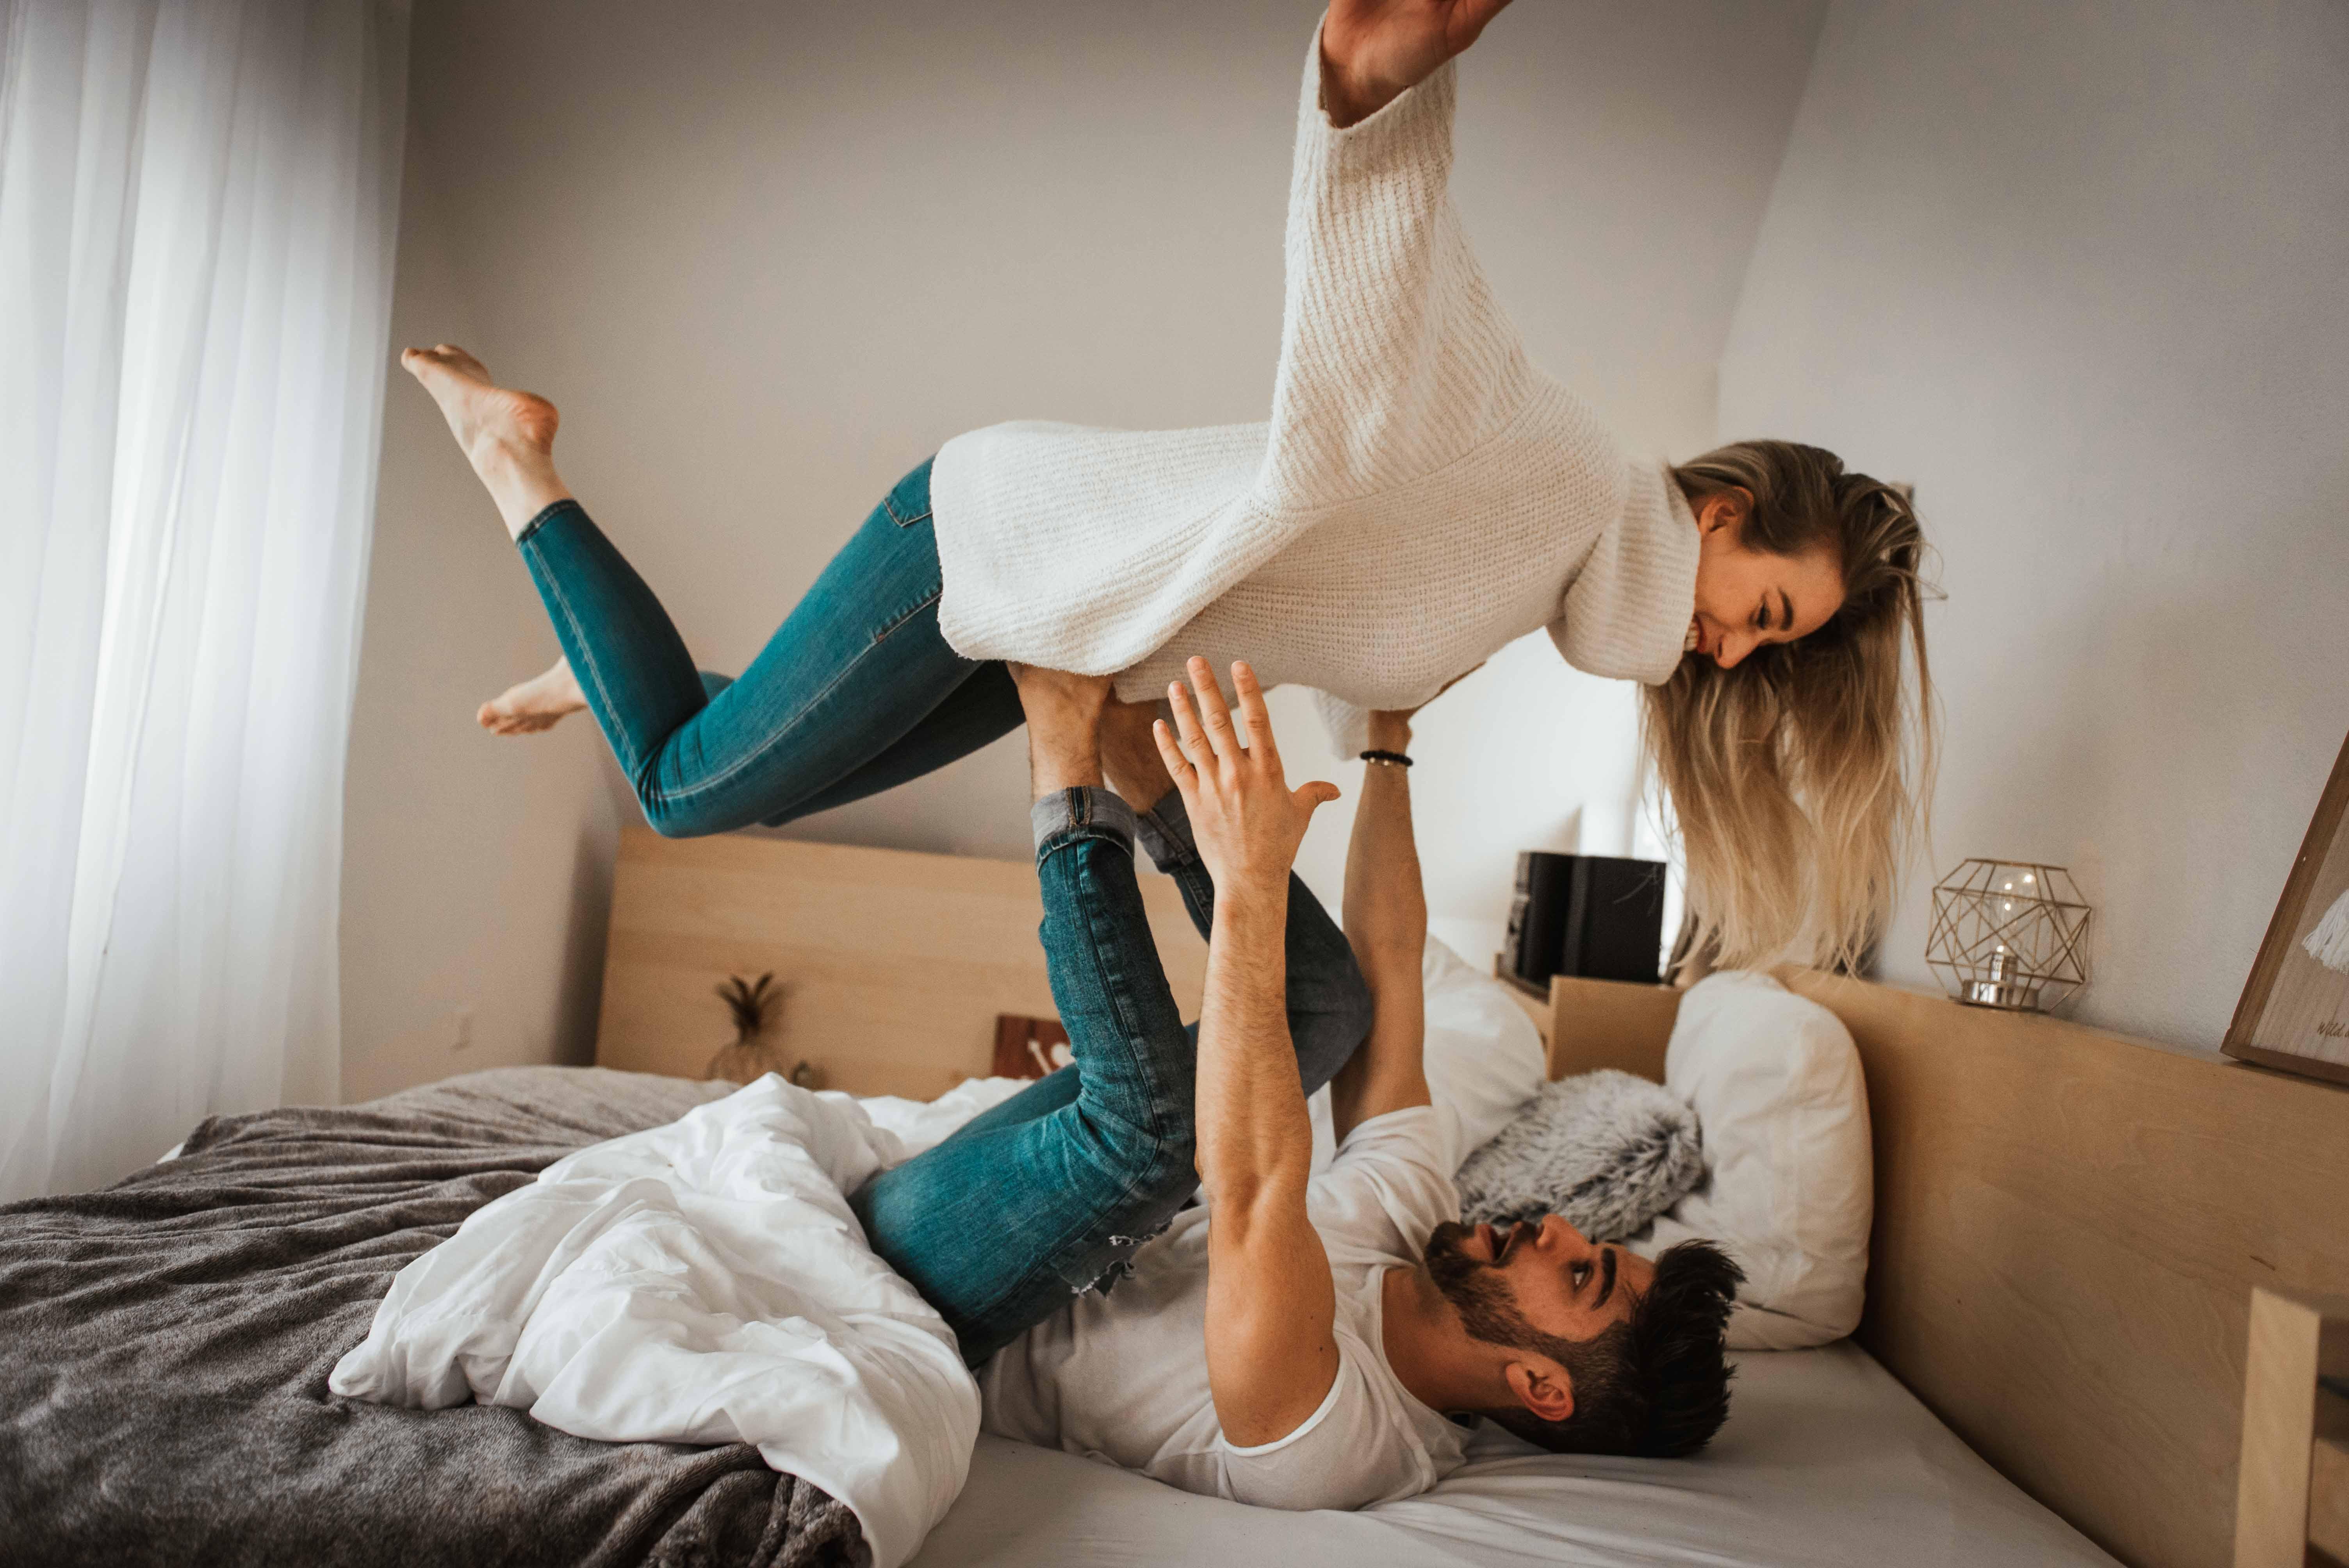 Indoor Paarshooting mit Hochzeitsfotografin Stefanie Chareonbood